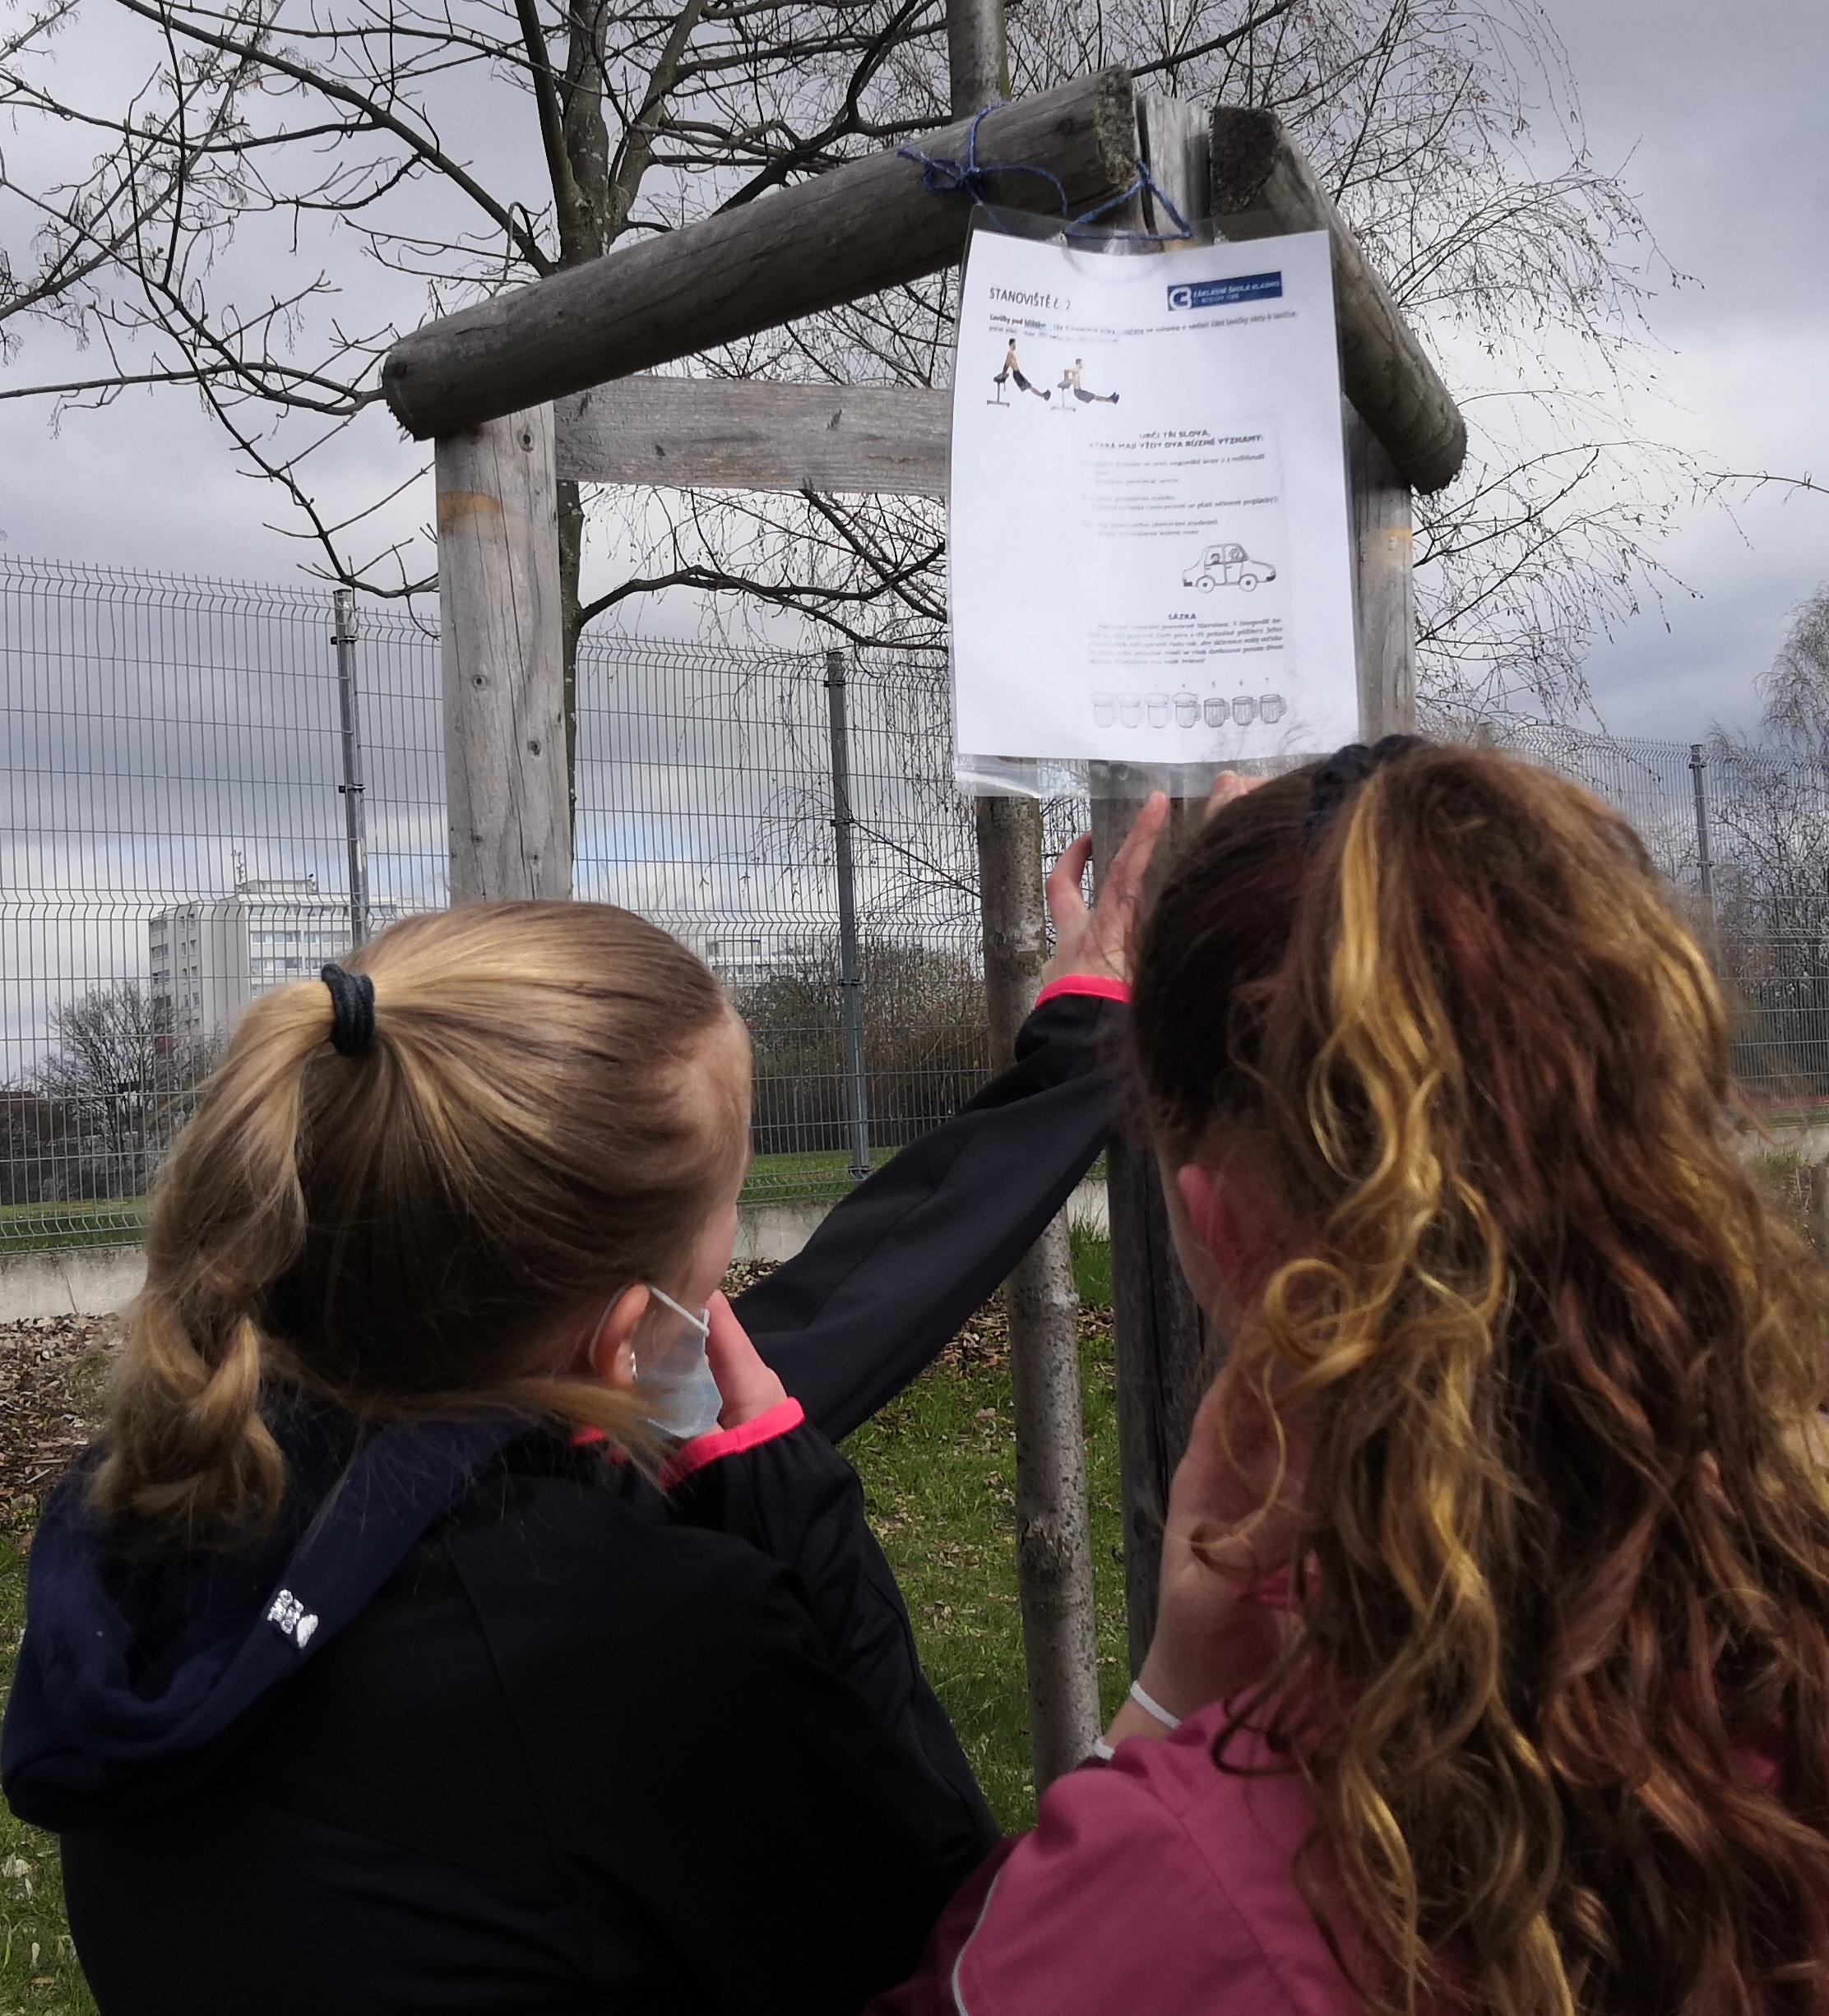 Anička a Simona vyrážejí obejít osmnáct stanovišť rozmístěných v parku v sousedství školy.